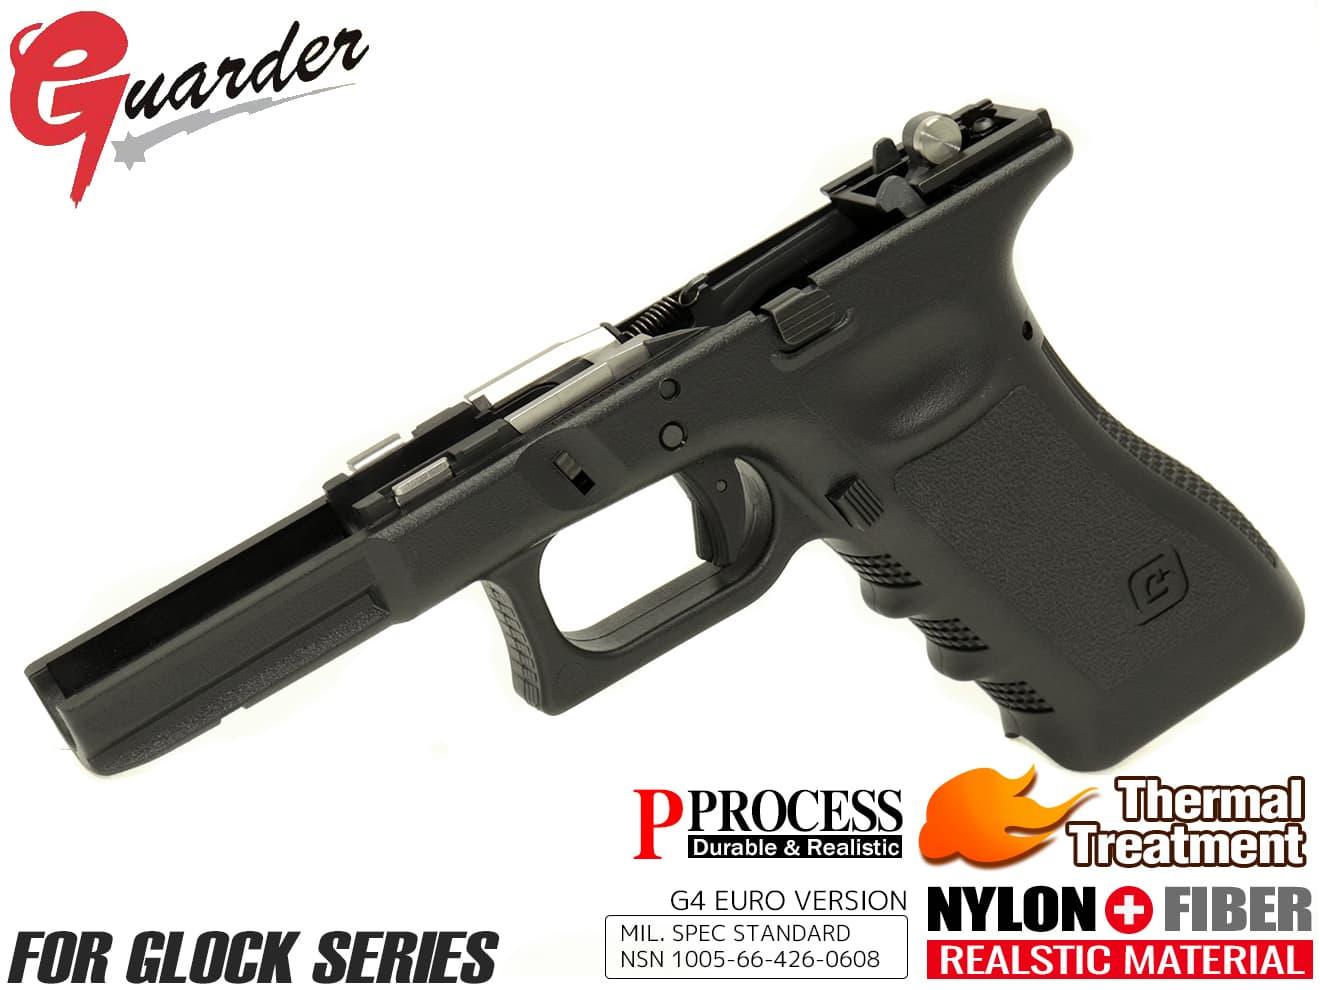 GLK-168(G)BK■GUARDER 2019Ver Gen3 GLOCK フレームコンプリートセット G4 style for G17/G22/G34◆G4 マルイグロック シャーシ ハンマー トリガー